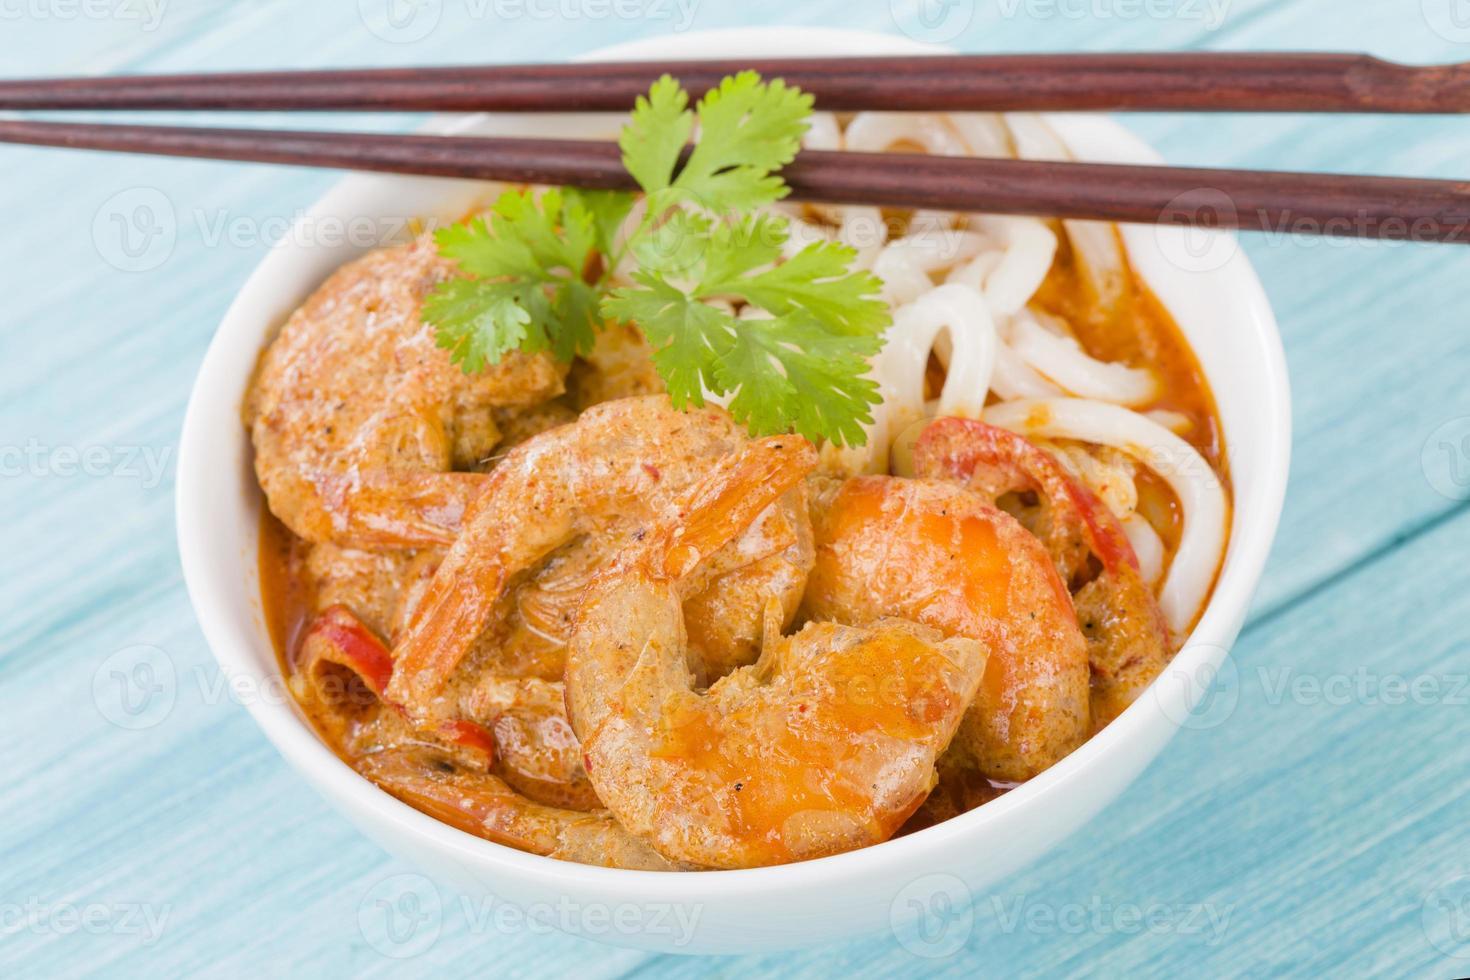 crevettes au curry thaï avec nouilles photo